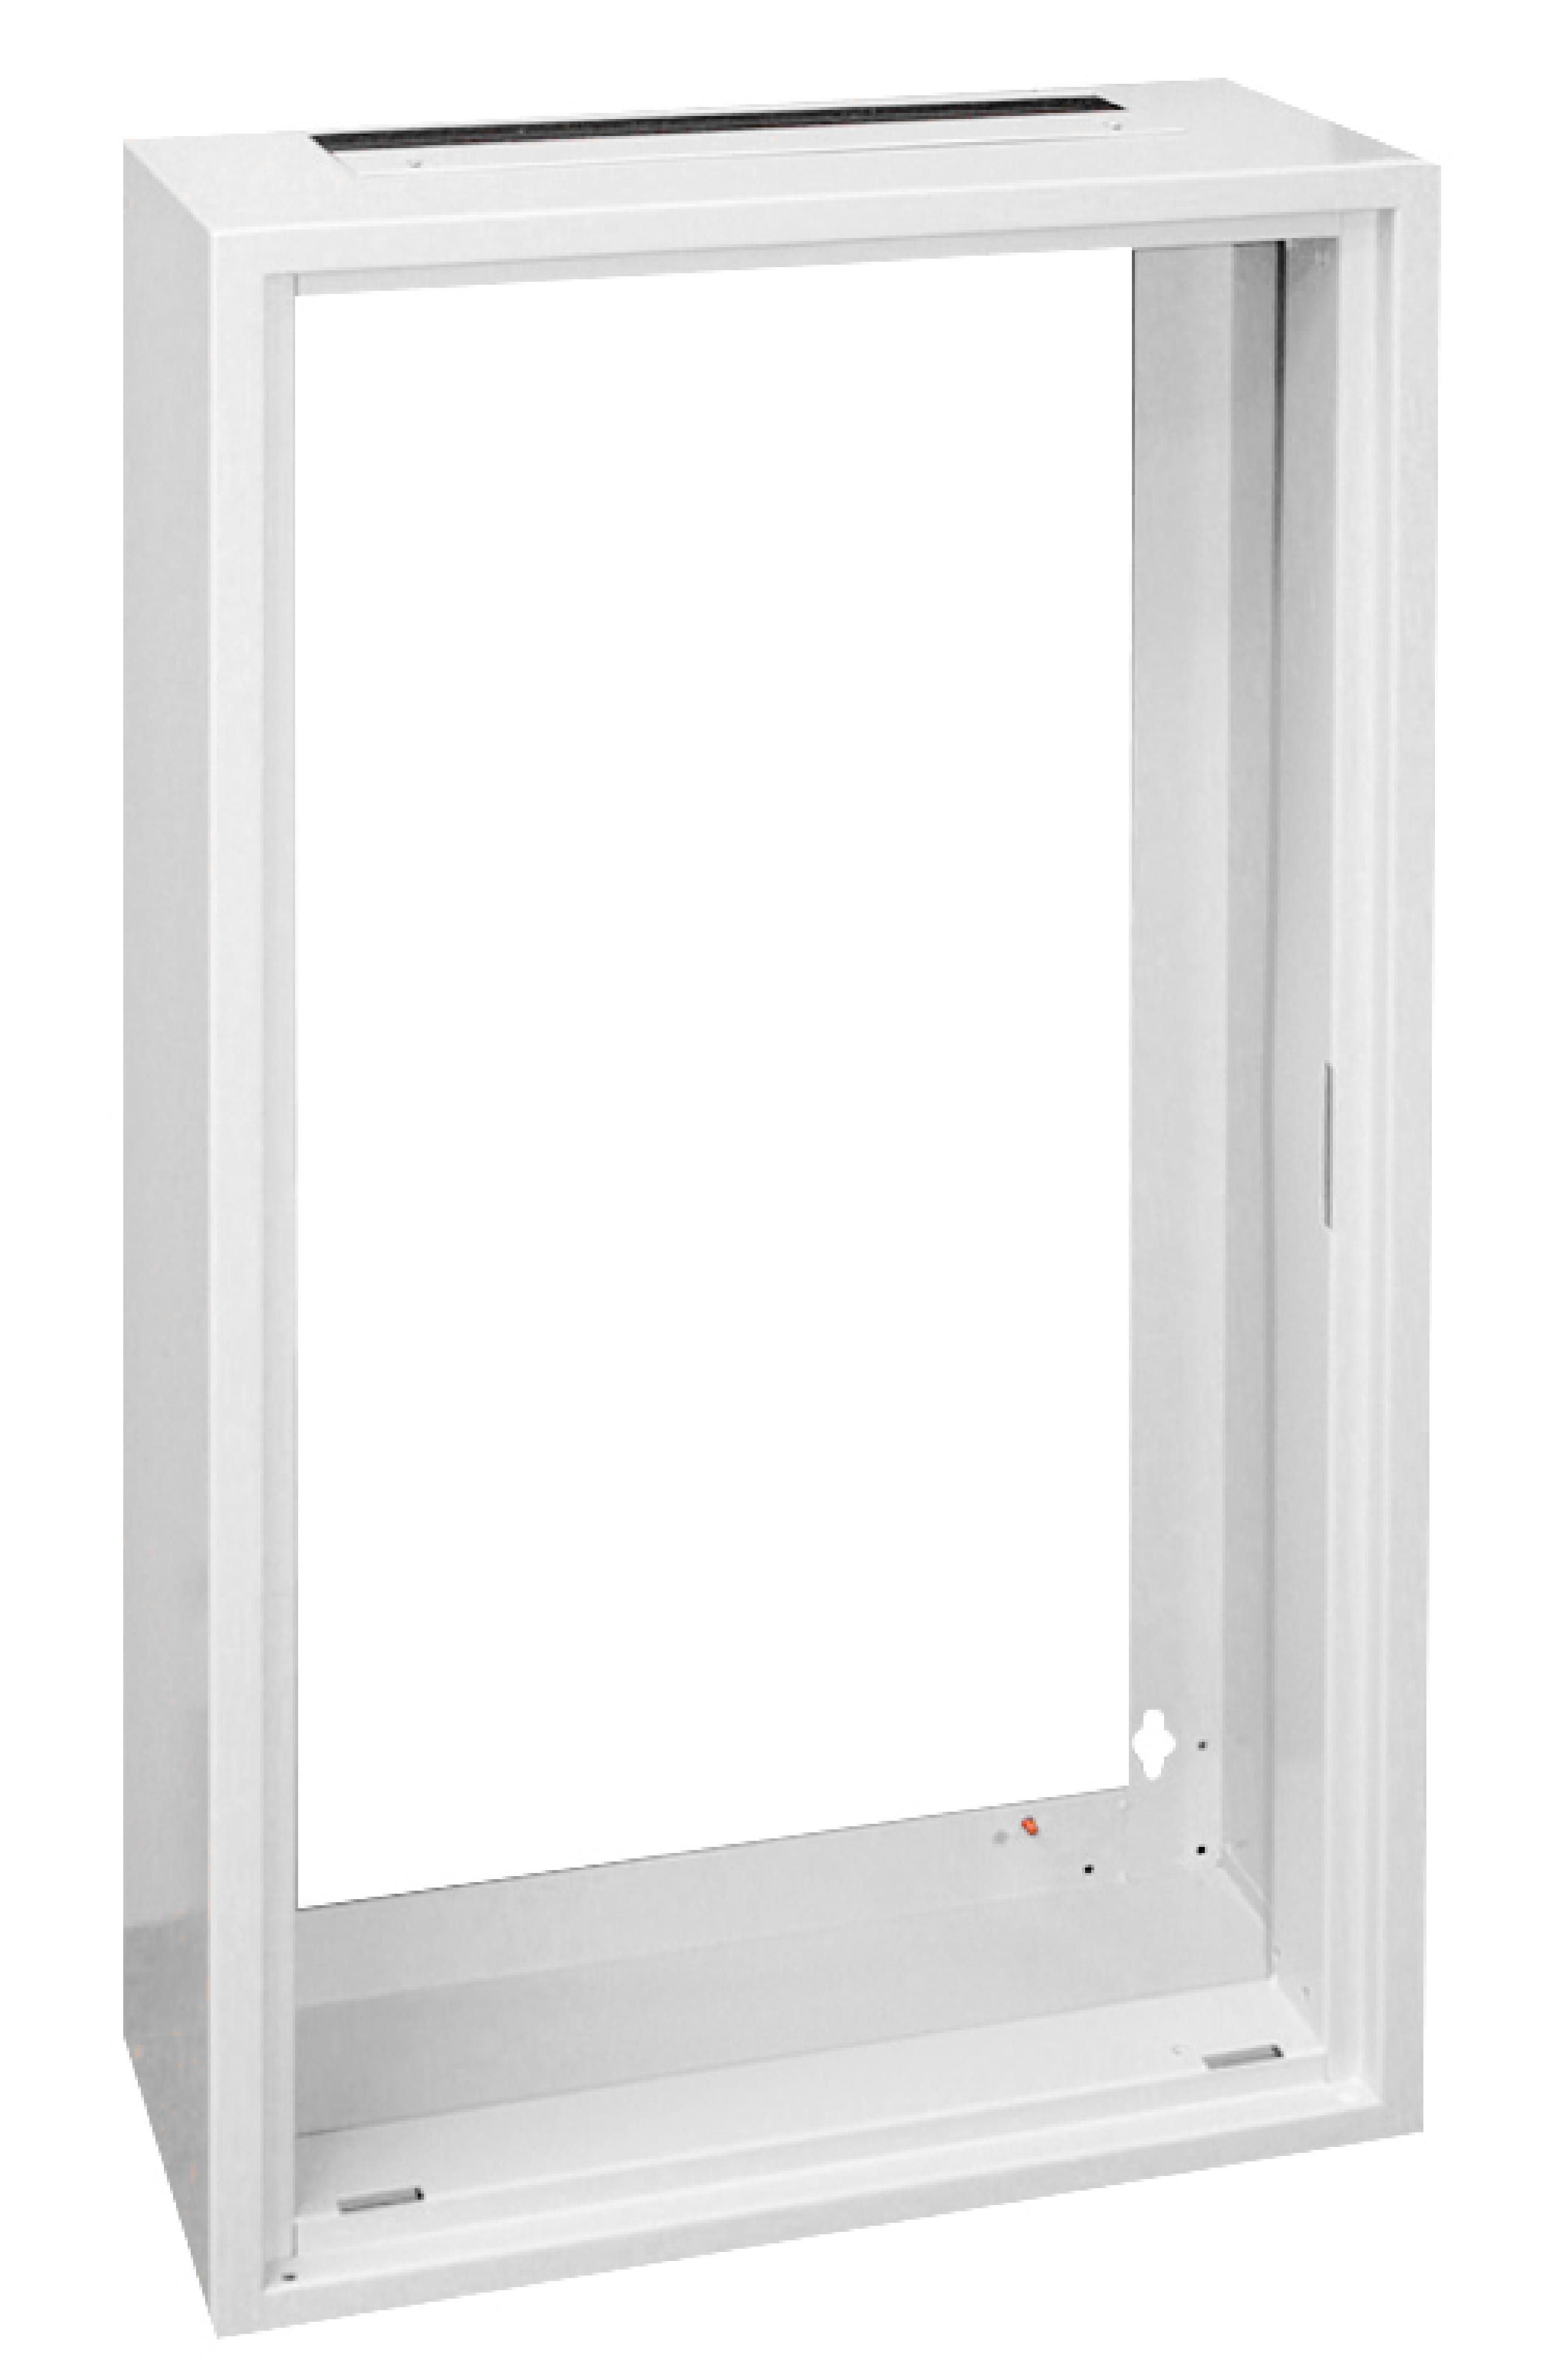 1 Stk AP-Rahmen ohne Türe und Rückwand 4A-42, H2025B1030T250mm IL001442-F